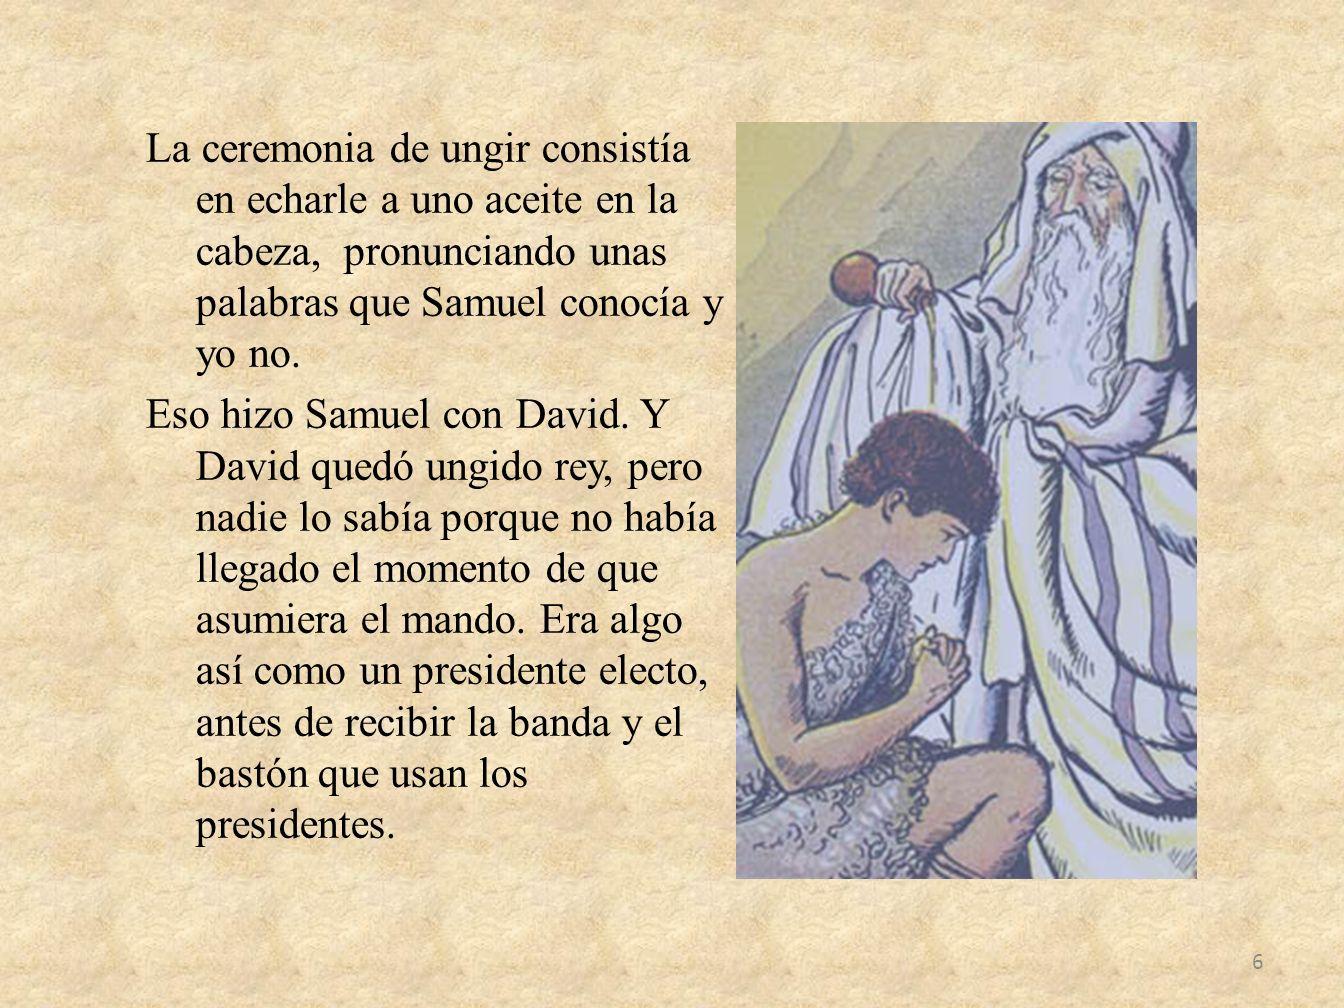 La ceremonia de ungir consistía en echarle a uno aceite en la cabeza, pronunciando unas palabras que Samuel conocía y yo no. Eso hizo Samuel con David